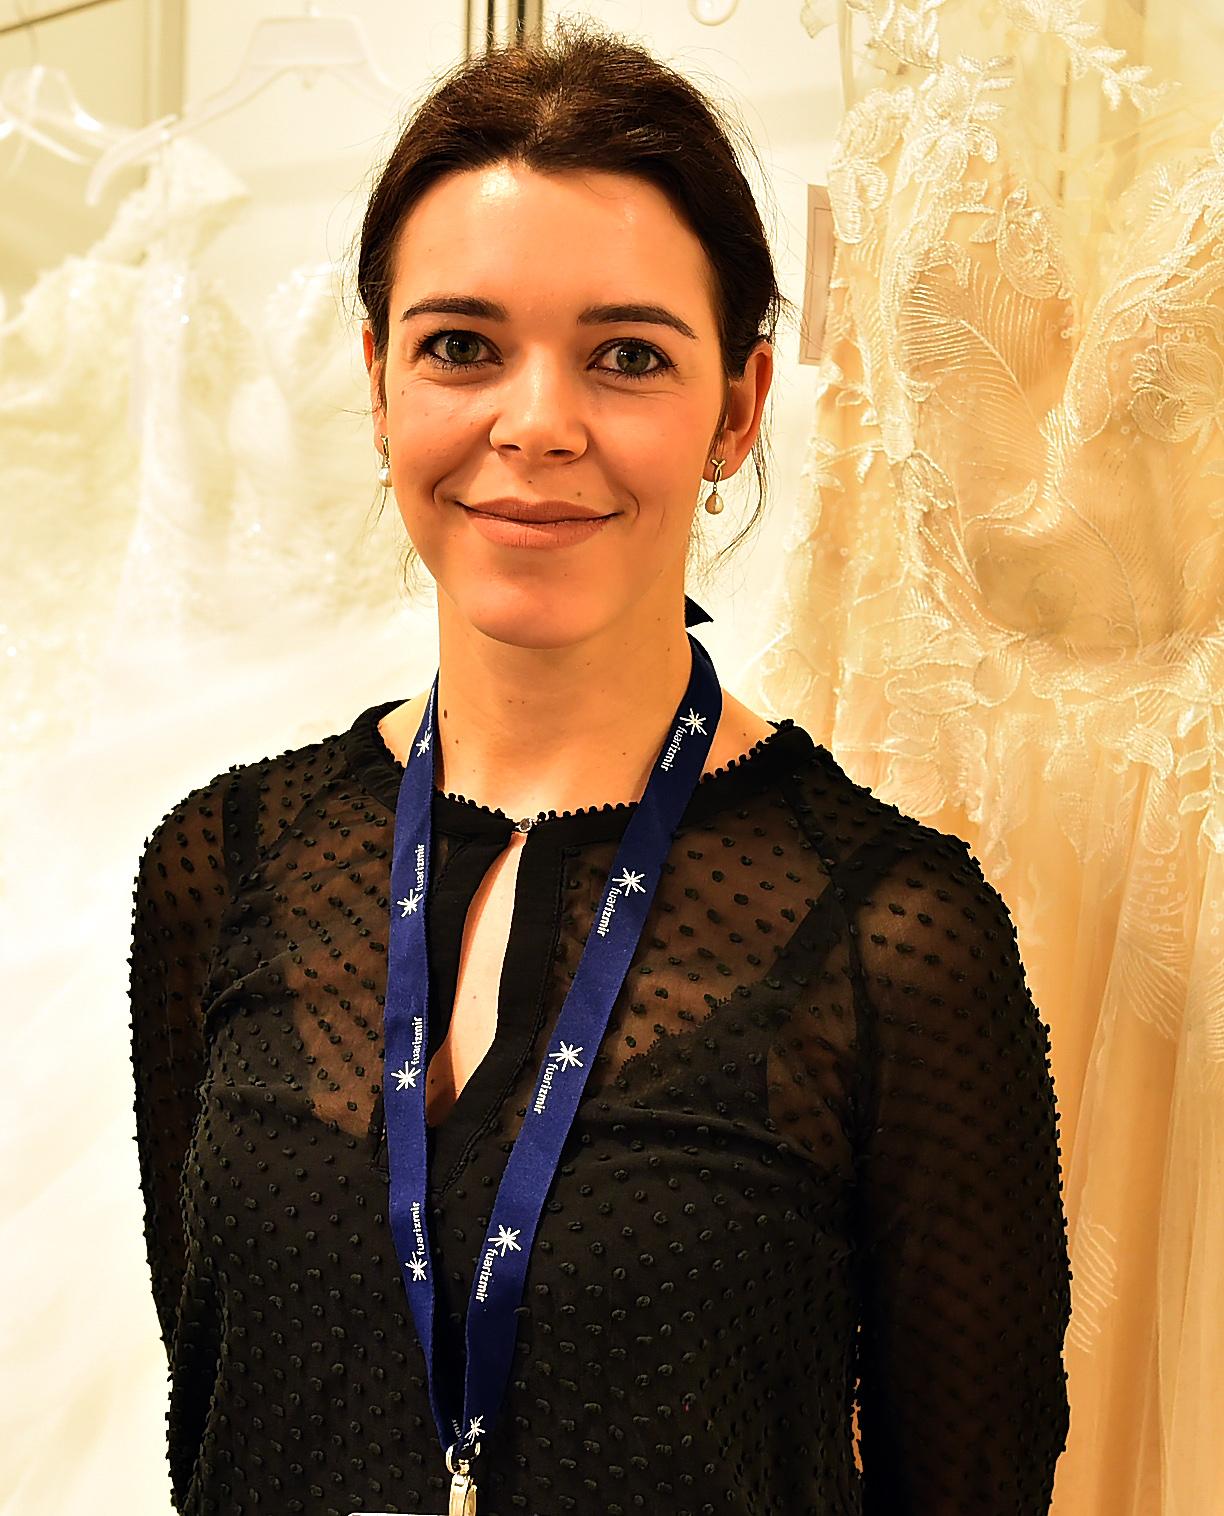 """598bd6dad8123 İulia Vielle (Fransa) : """"Avrupa'da bilinen markamızı Türkiye'ye de tanıtmak  için ikinci kez İzmir'e geldik. Almanya, İtalya, Portekiz, Çek Cumhuriyeti  gibi ..."""